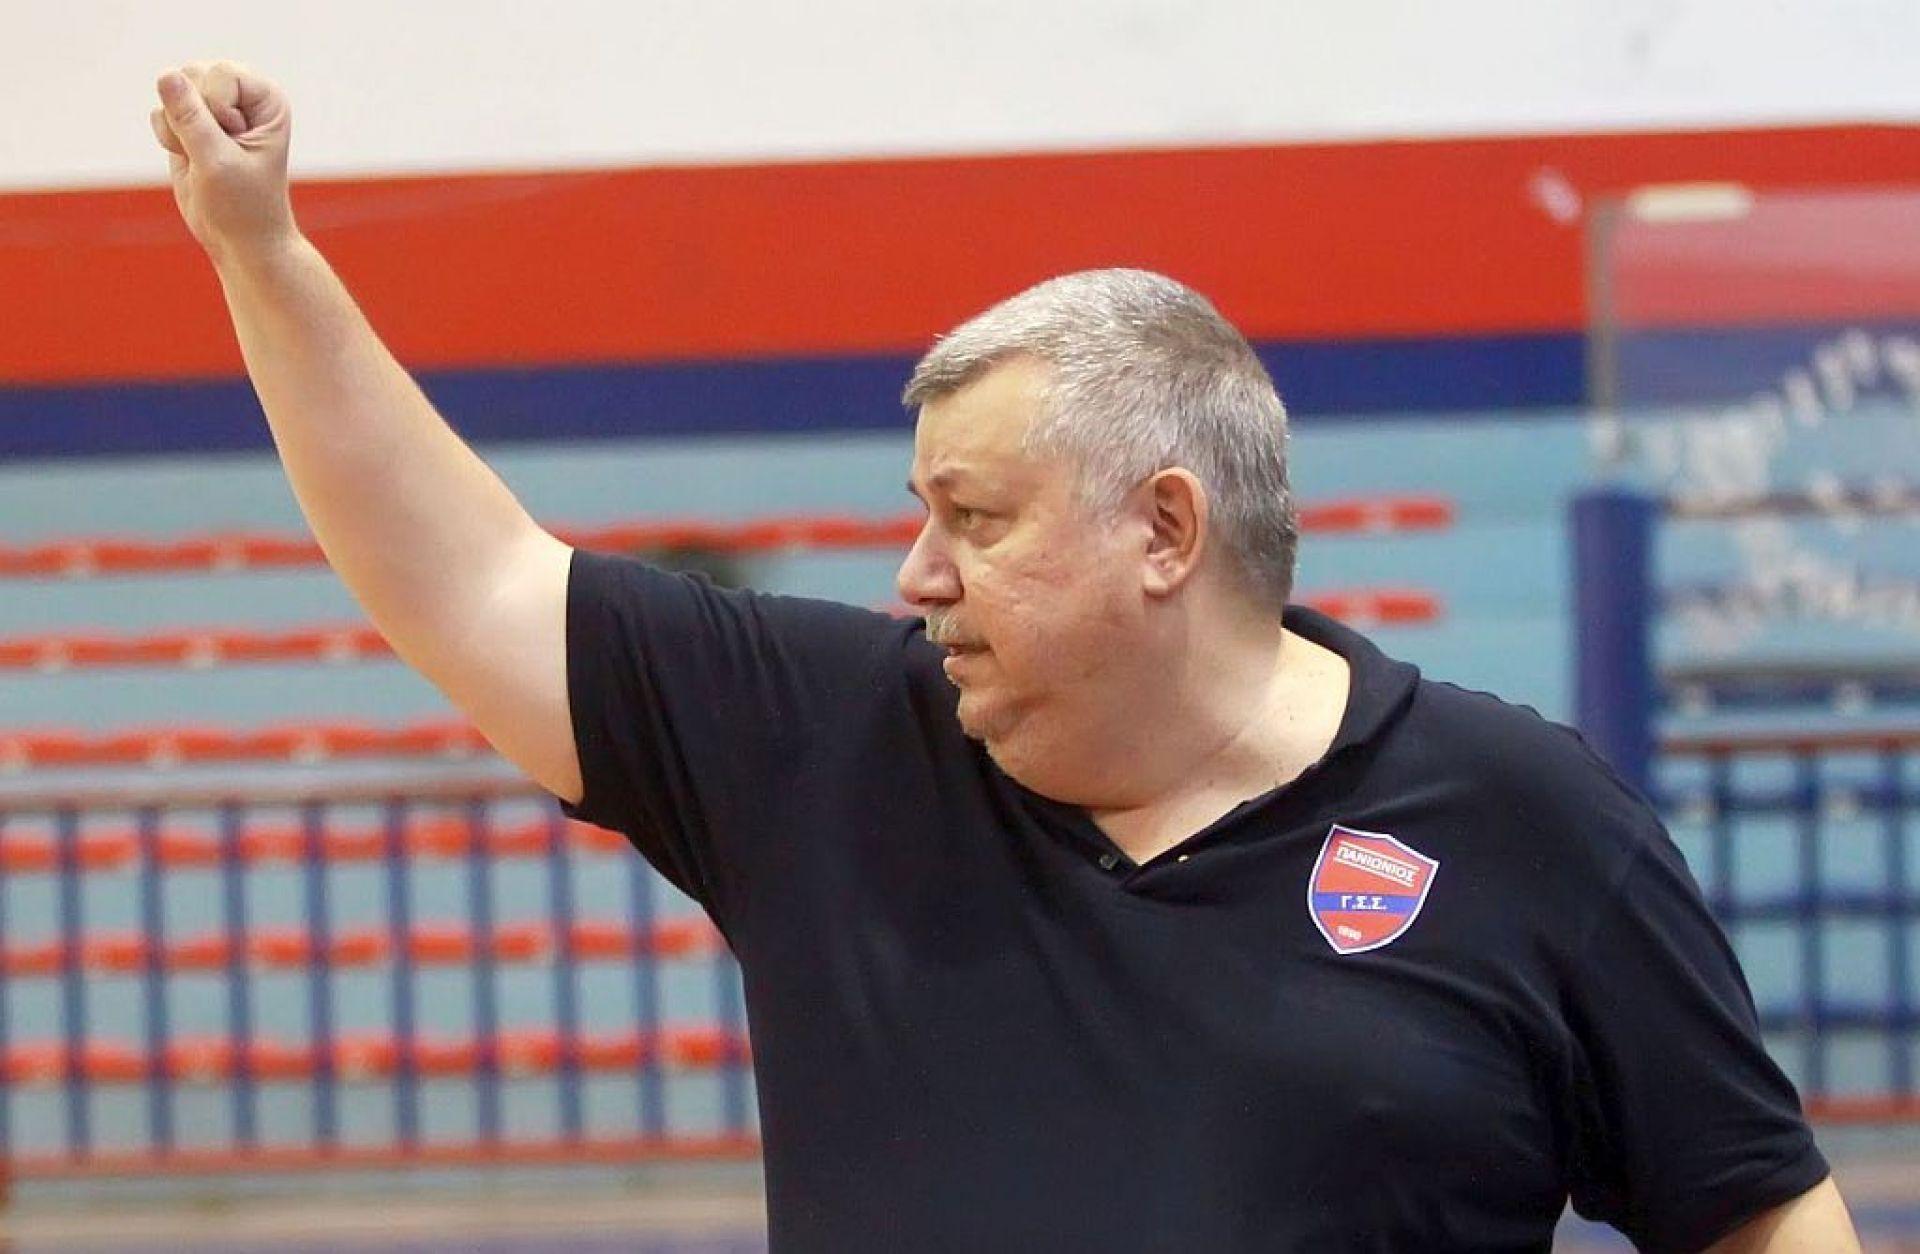 Κώστας Σορώτος: Να δώσουμε περισσότερα εφόδια για να αναπτυχθεί το μπάσκετ των Κυκλάδων